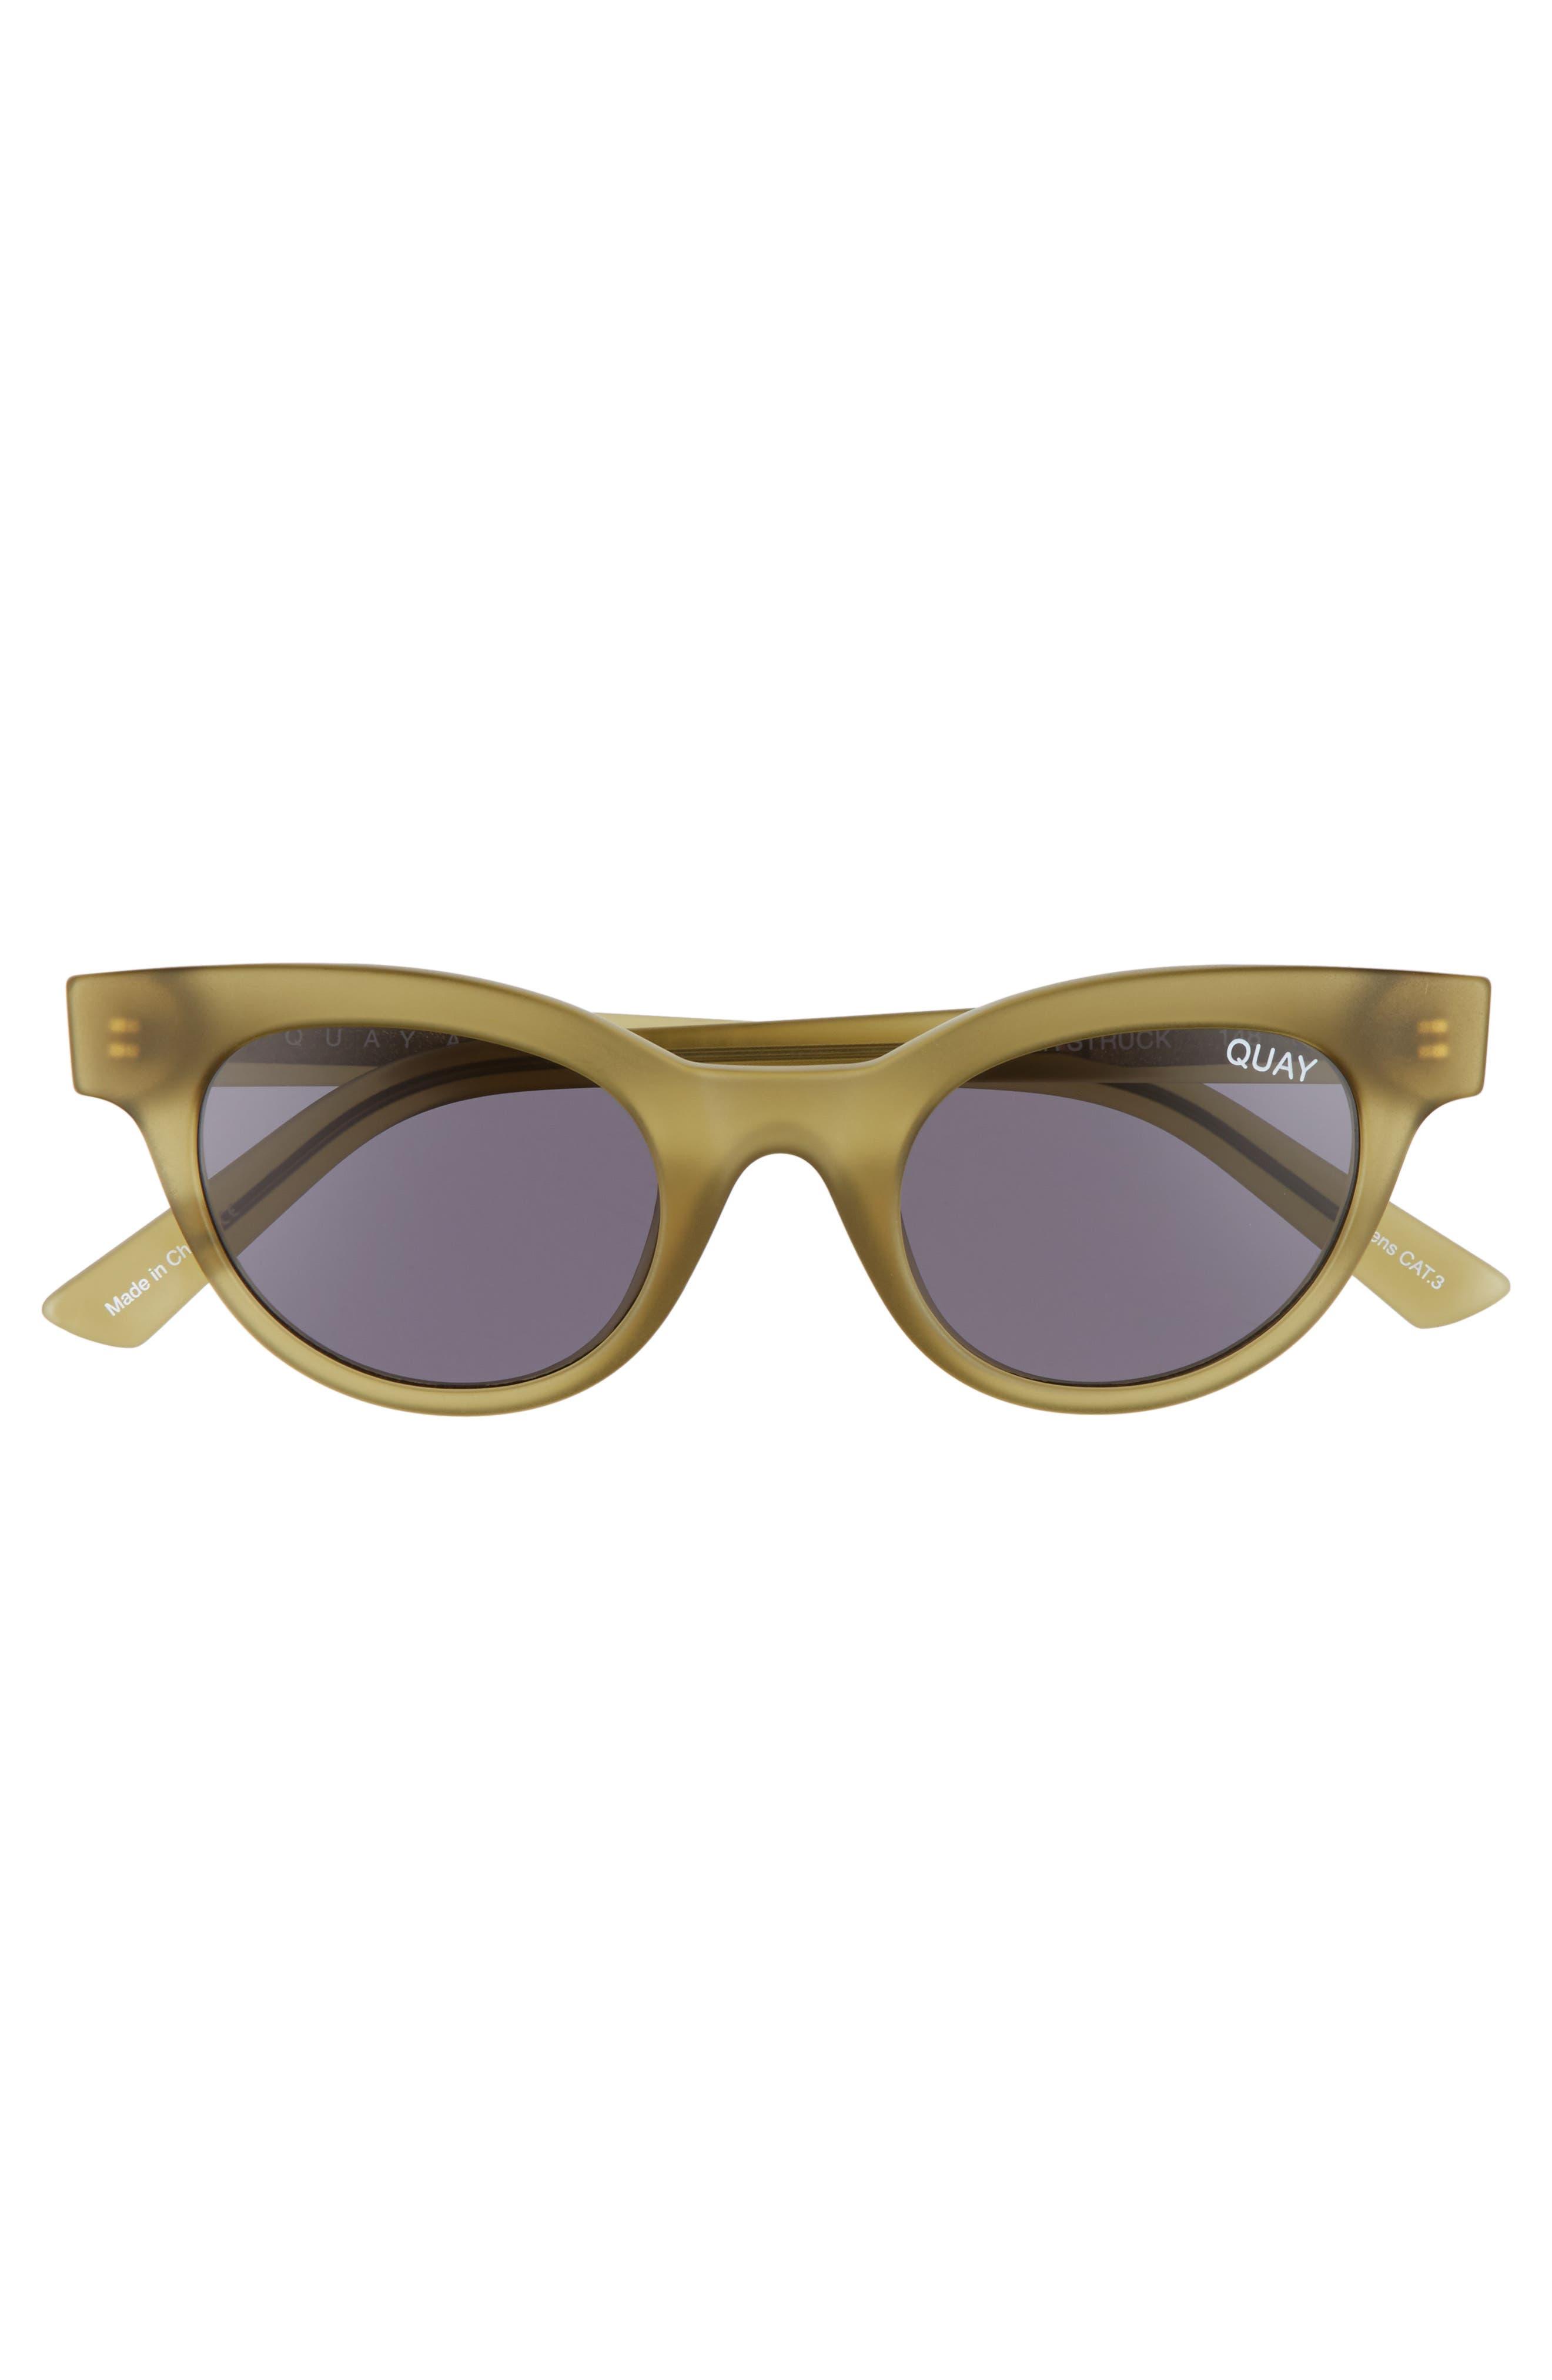 Starstruck 48mm Cat Eye Sunglasses,                             Alternate thumbnail 3, color,                             300